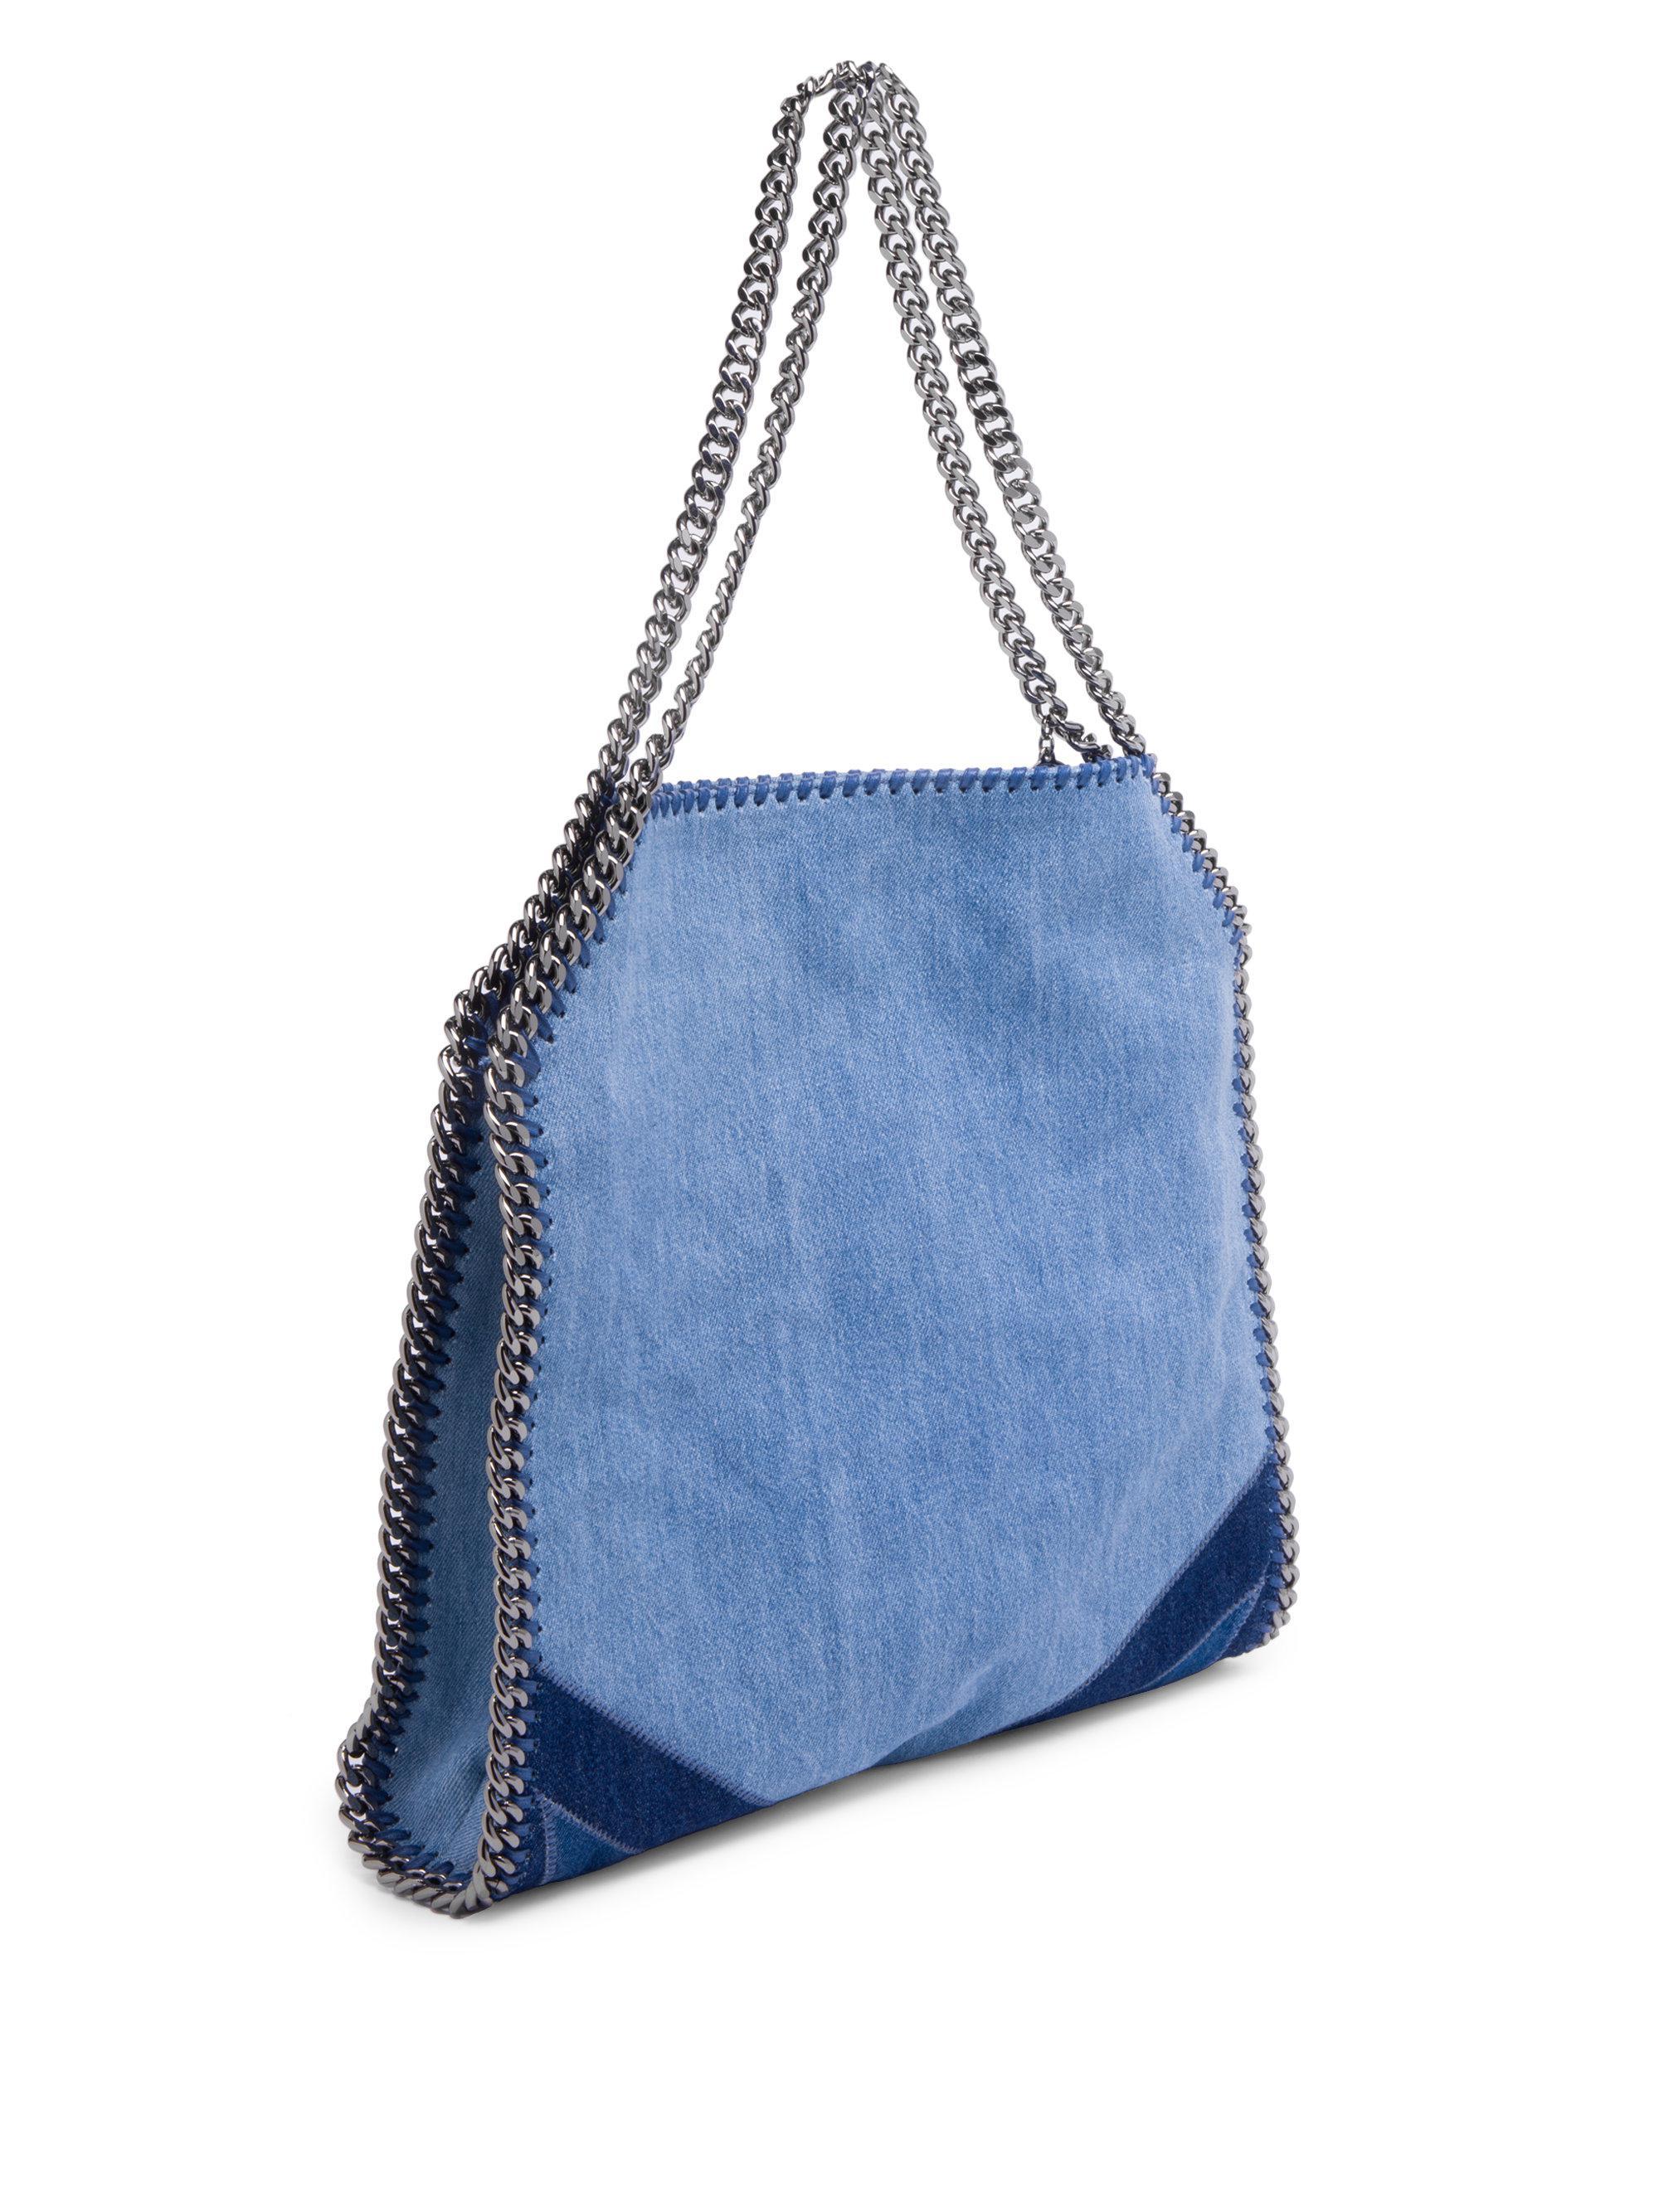 Lyst - Stella McCartney Stars Denim Shoulder Bag in Blue ecc5851187dd8